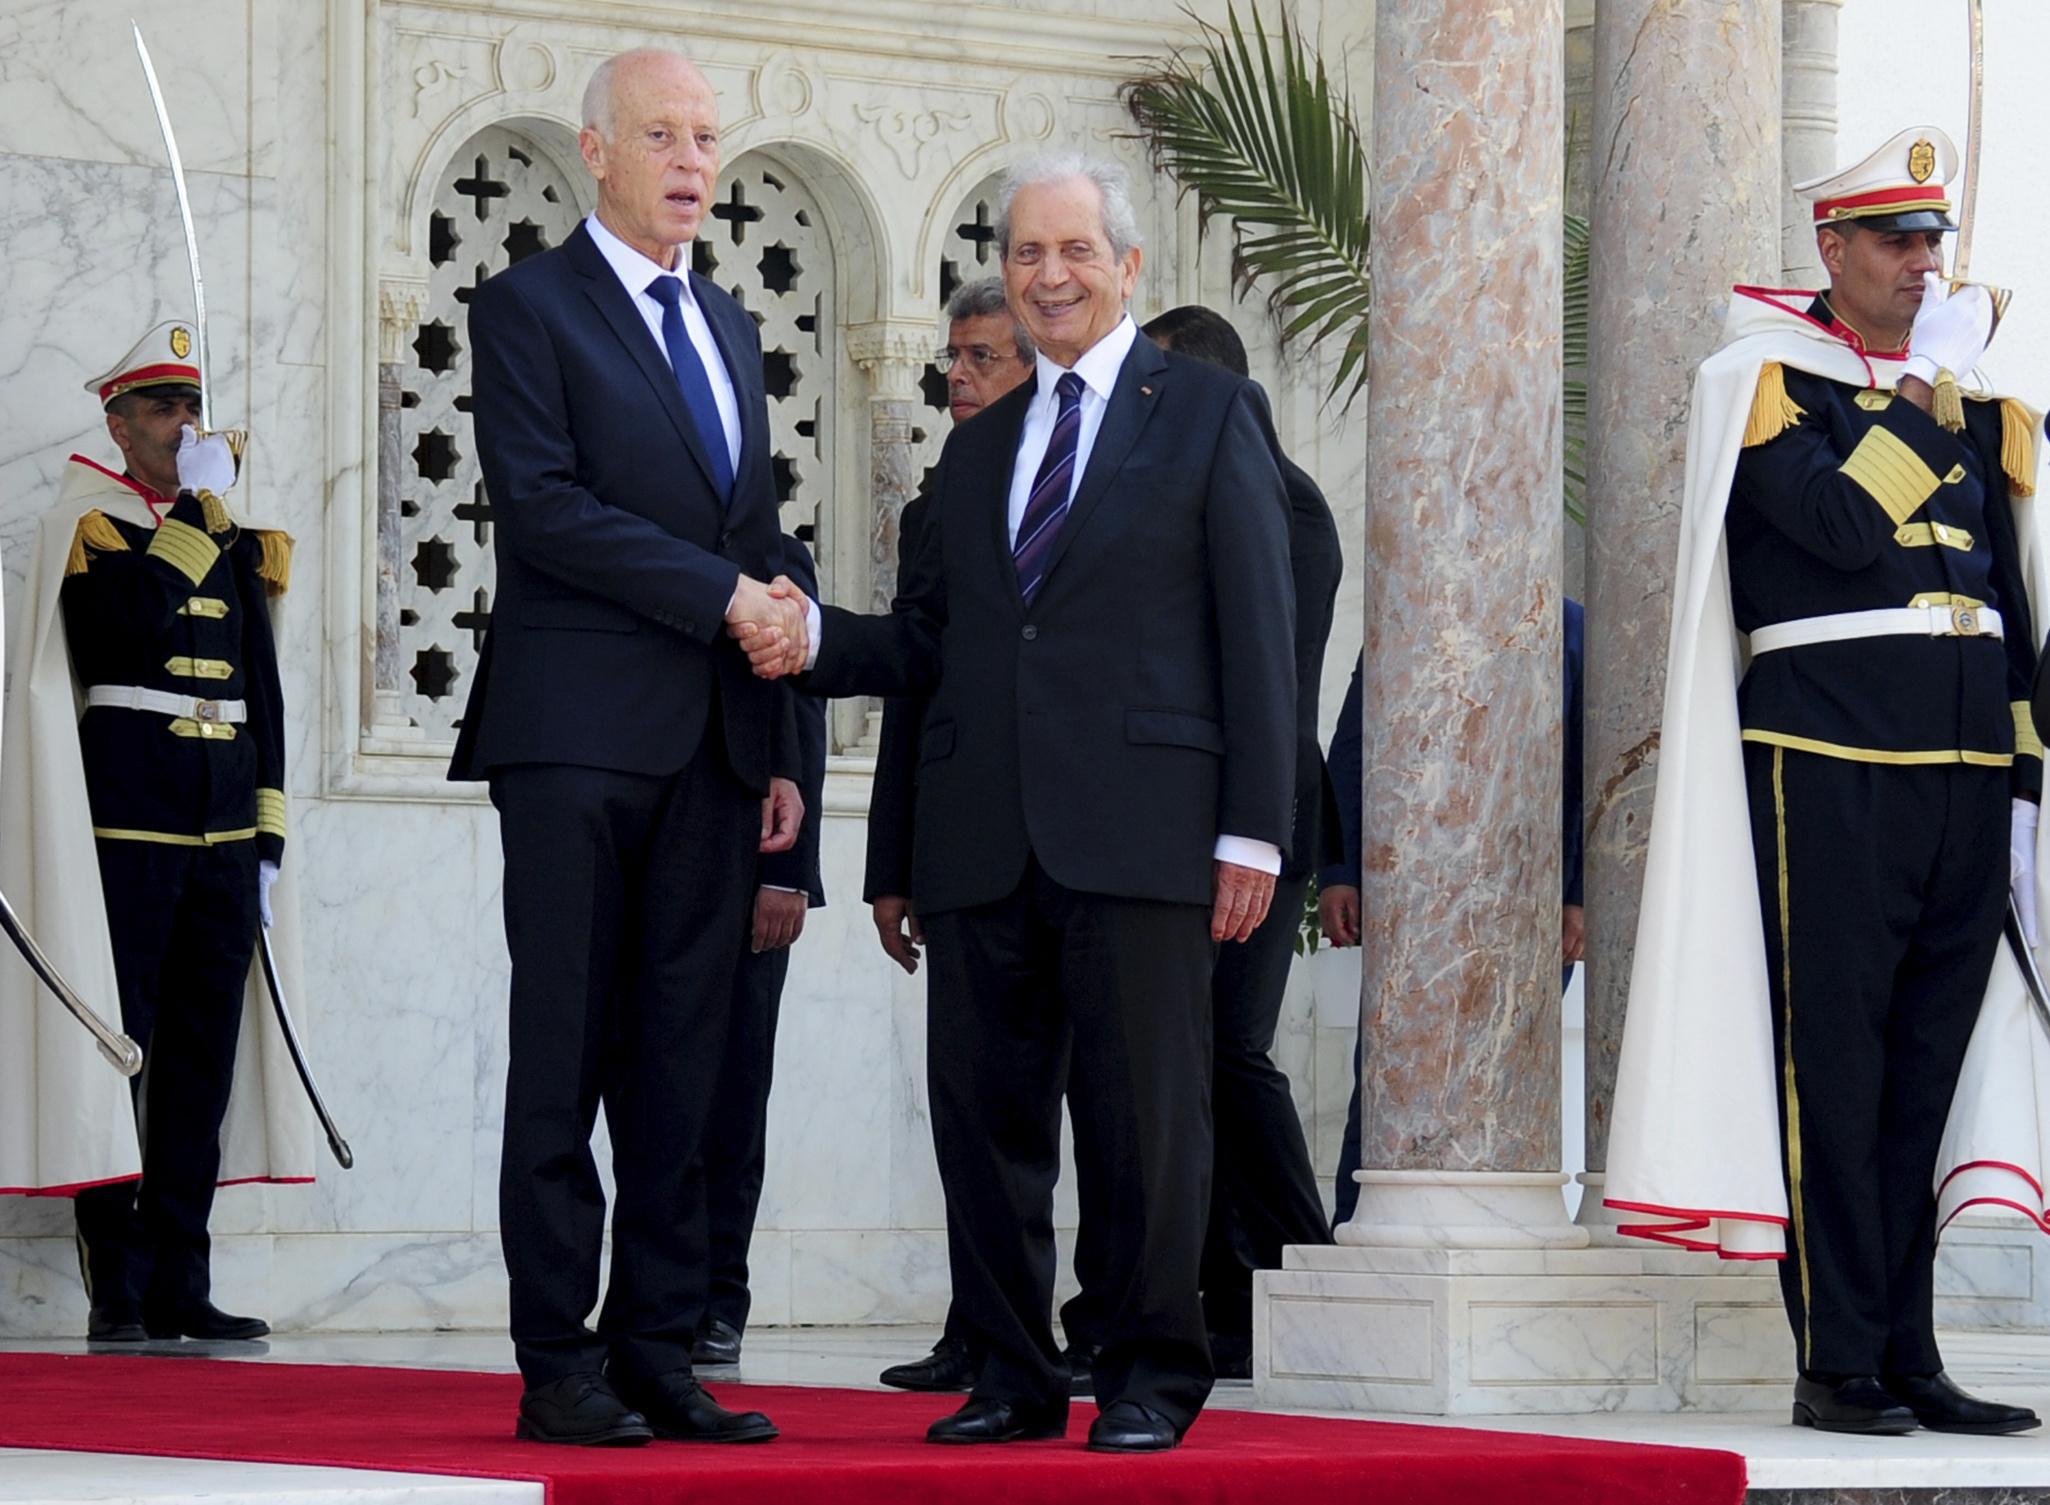 Le président intérimaire tunisien, Mohamed Ennaceur (à gauche), transmettant officiellement le pouvoir à son successeur élu, Kaïs Saïed, mercredi 23 octobre 2019 à Tunis (image d'illustration).